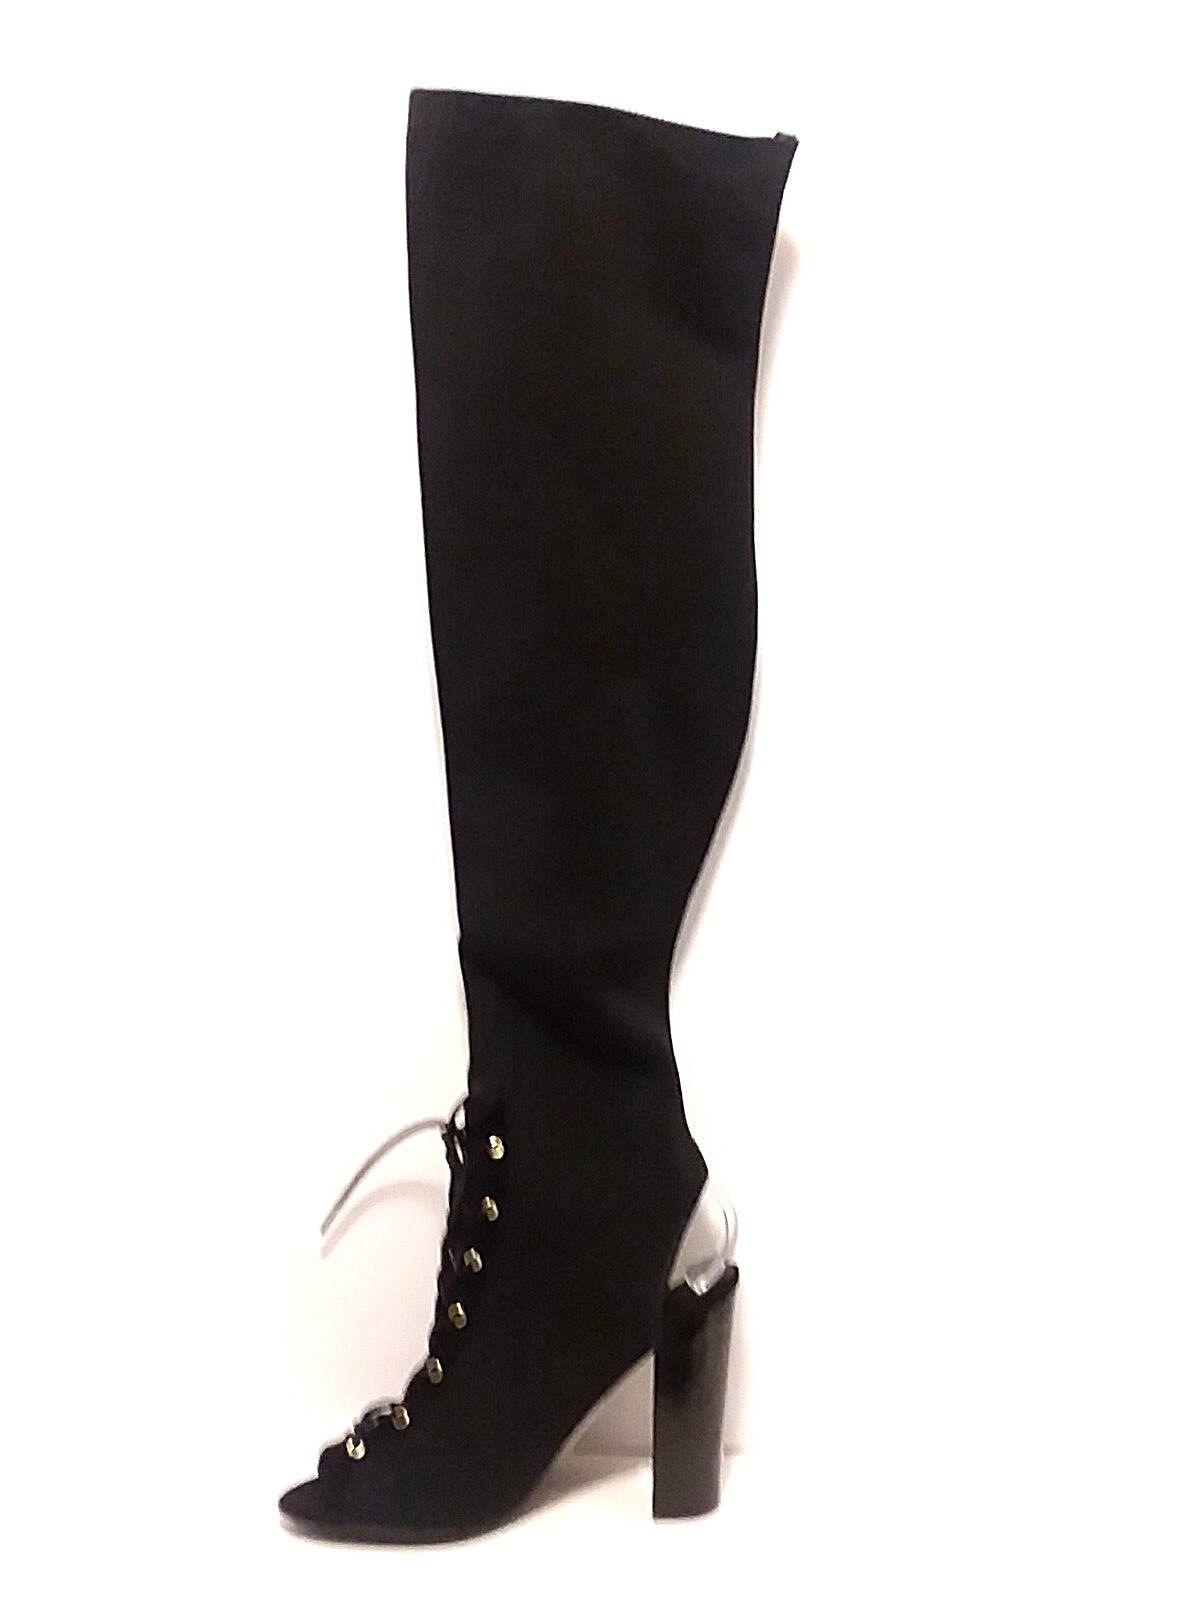 Guess Femme Calene 2 noir sur-le-Genou Stretch bottes Cosplay Lacets Taille 8.5